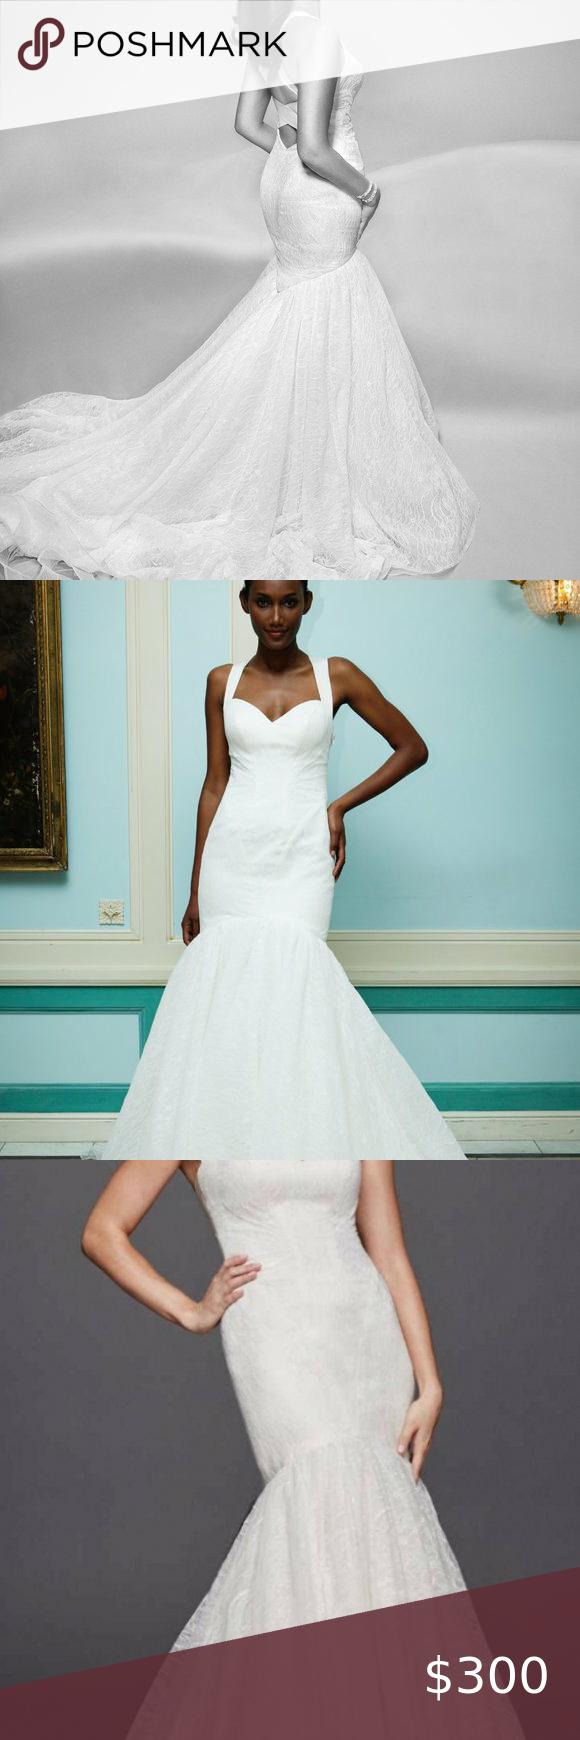 Truly Zac Posen Mermaid Wedding Dress Zp341638 Dresses Wedding Dresses Zac Posen [ 1740 x 580 Pixel ]